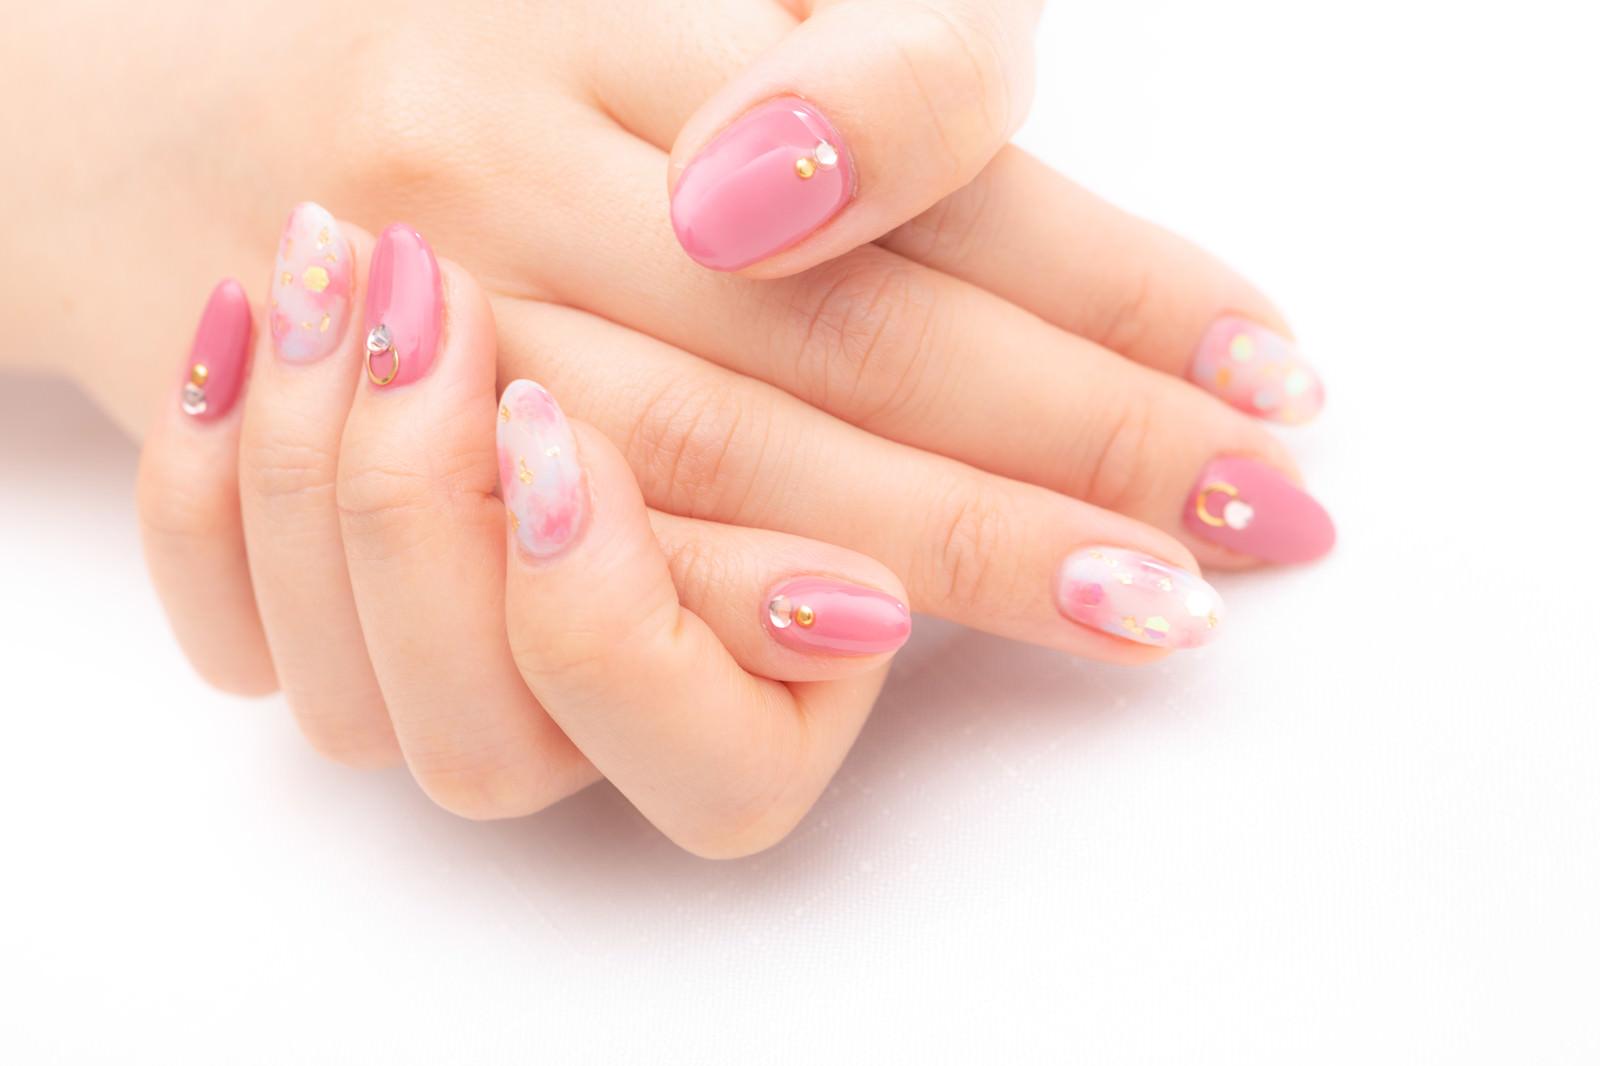 「キュートなピンク色のキラキラネイル」の写真